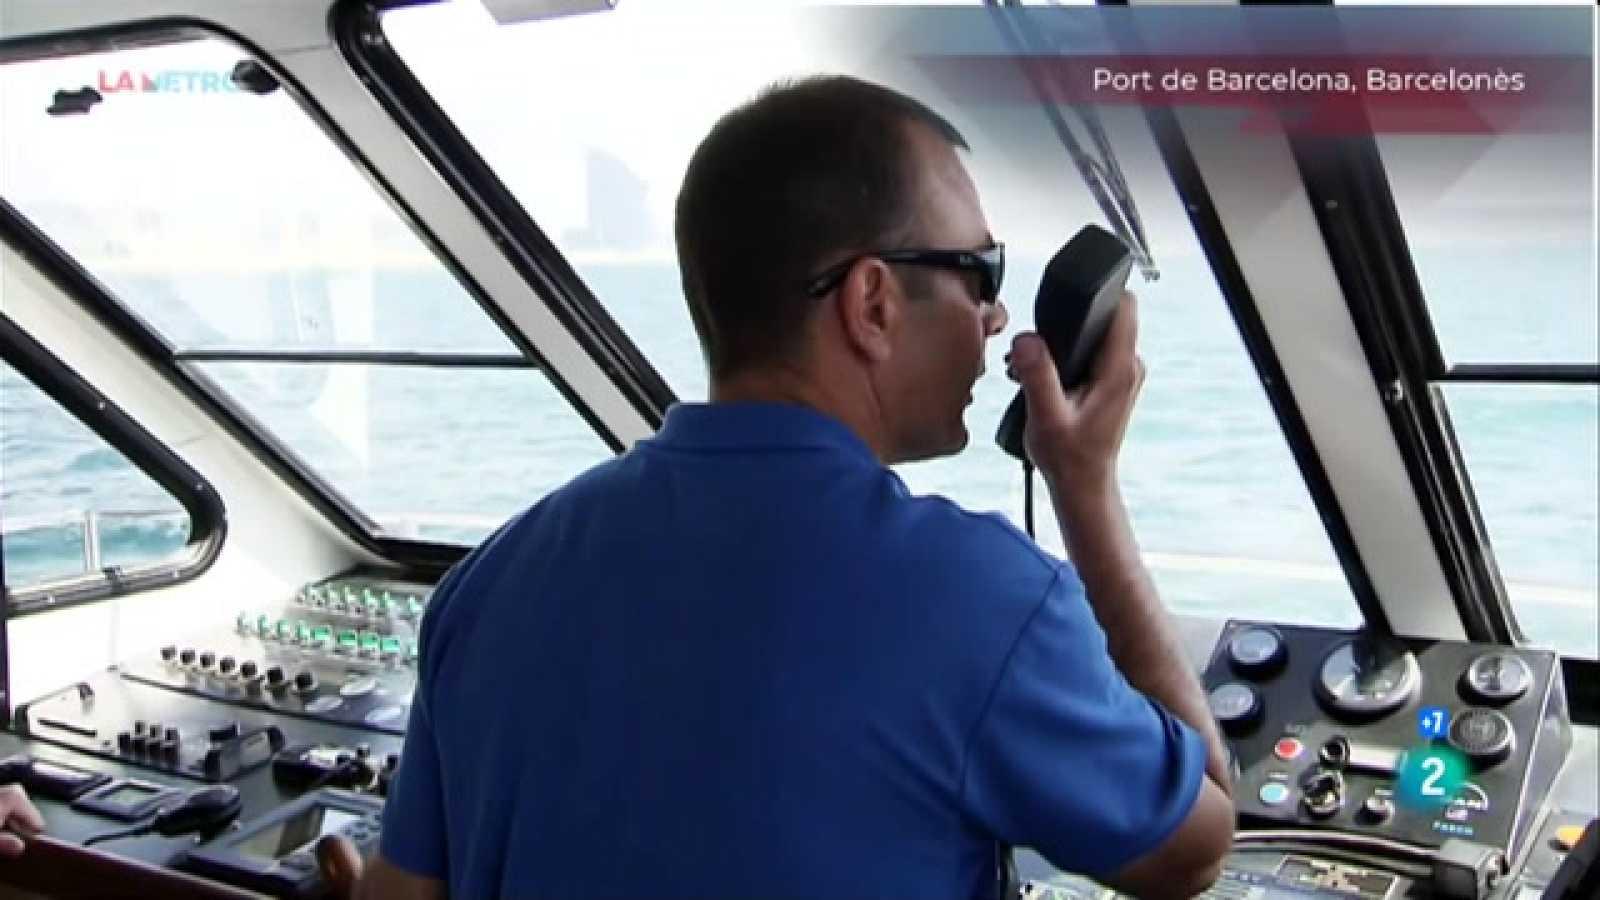 L'ONG Stella Maris vetlla pel benestar dels tripulants dels vaixells que atraquen a Barcelona